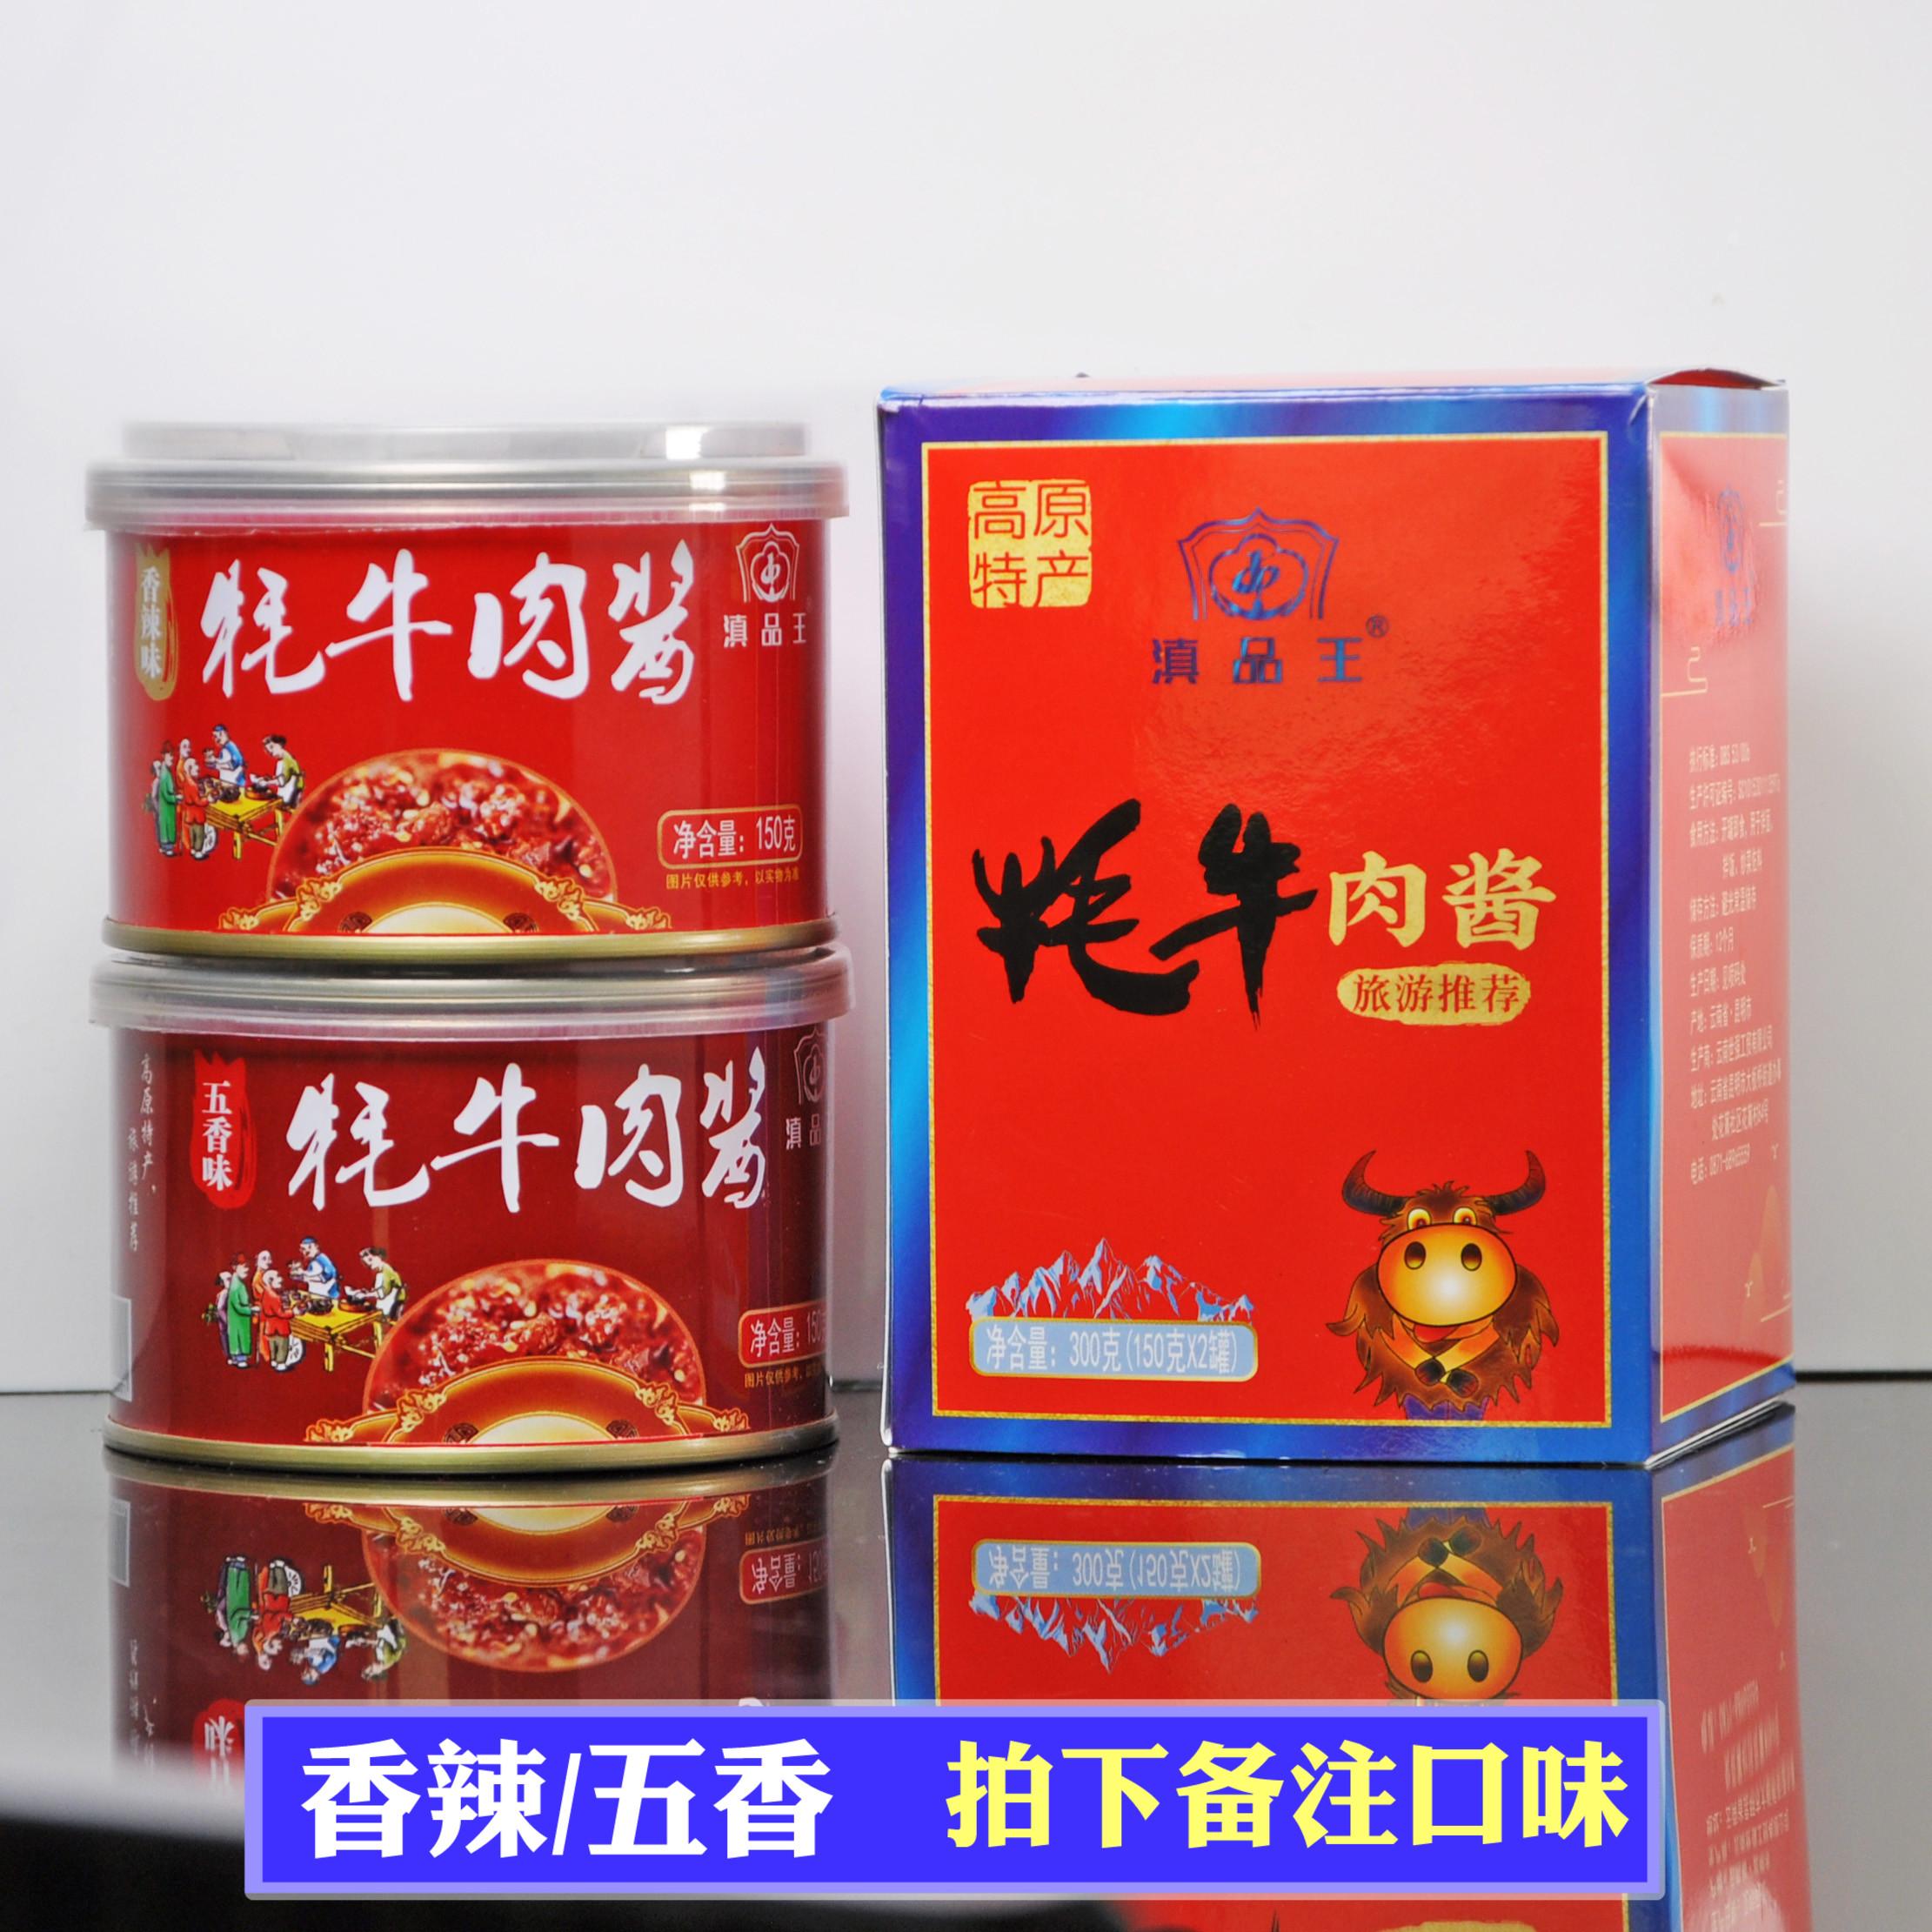 2罐*滇品王云南特产拌饭牦牛肉酱